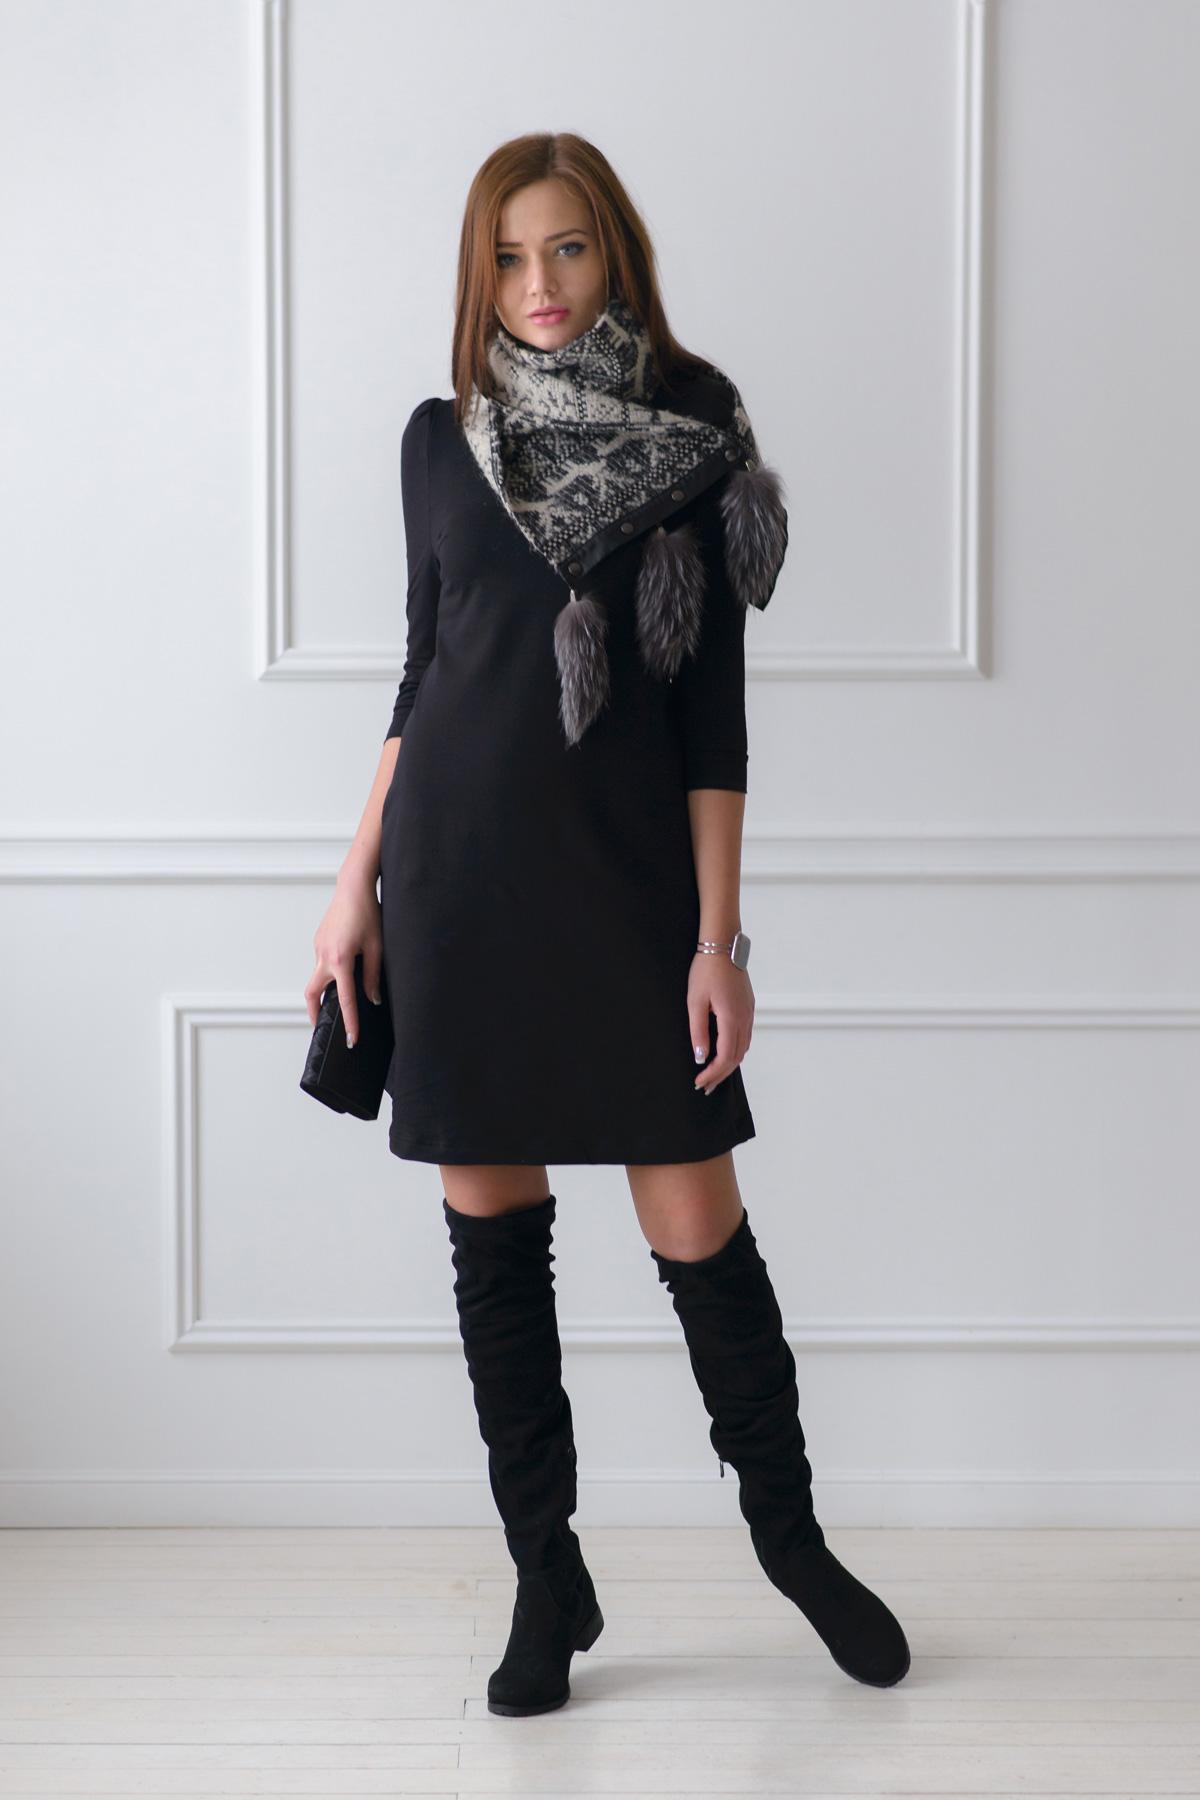 Жен. платье Модное Черный р. 46Платья<br>Факт. ОГ: 90 см <br>Факт. ОТ: 88 см <br>Факт. ОБ: 96 см <br>Длина по спинке: 92 см<br><br>Тип: Жен. платье<br>Размер: 46<br>Материал: Милано